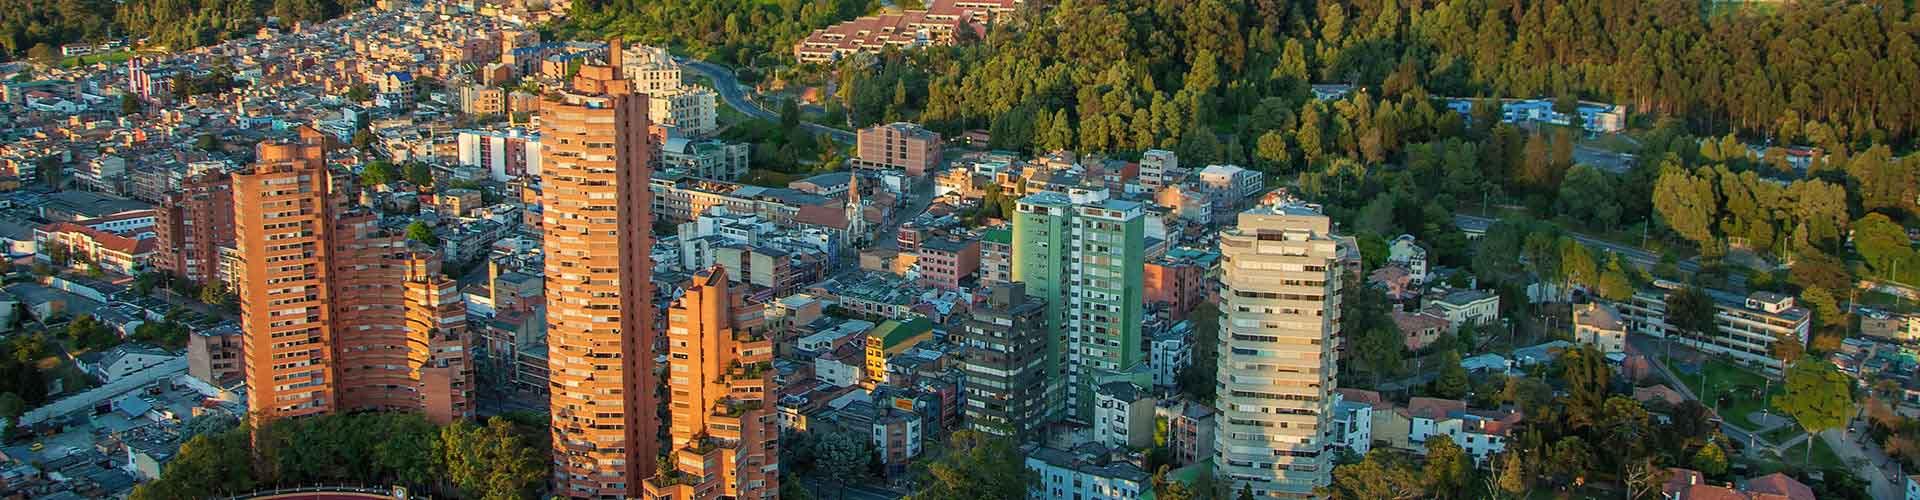 Bogota - Hôtels dans le quartier de Arménie. Cartes pour Bogota, photos et commentaires pour chaque hôtel à Bogota.